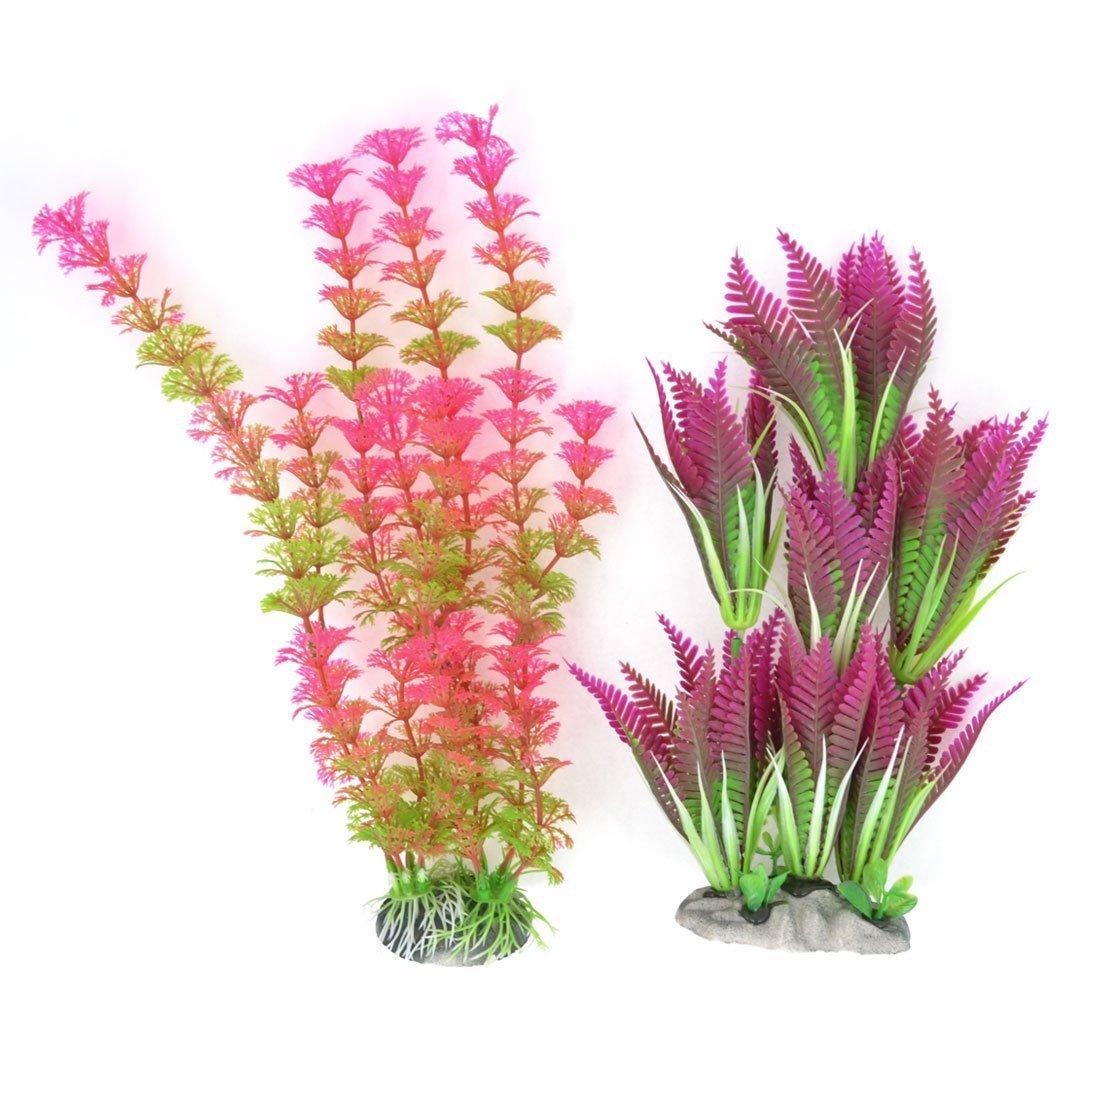 2Pcs 2.4  Height Plastic Artificial Aquatic Plant Decor for Aquarium